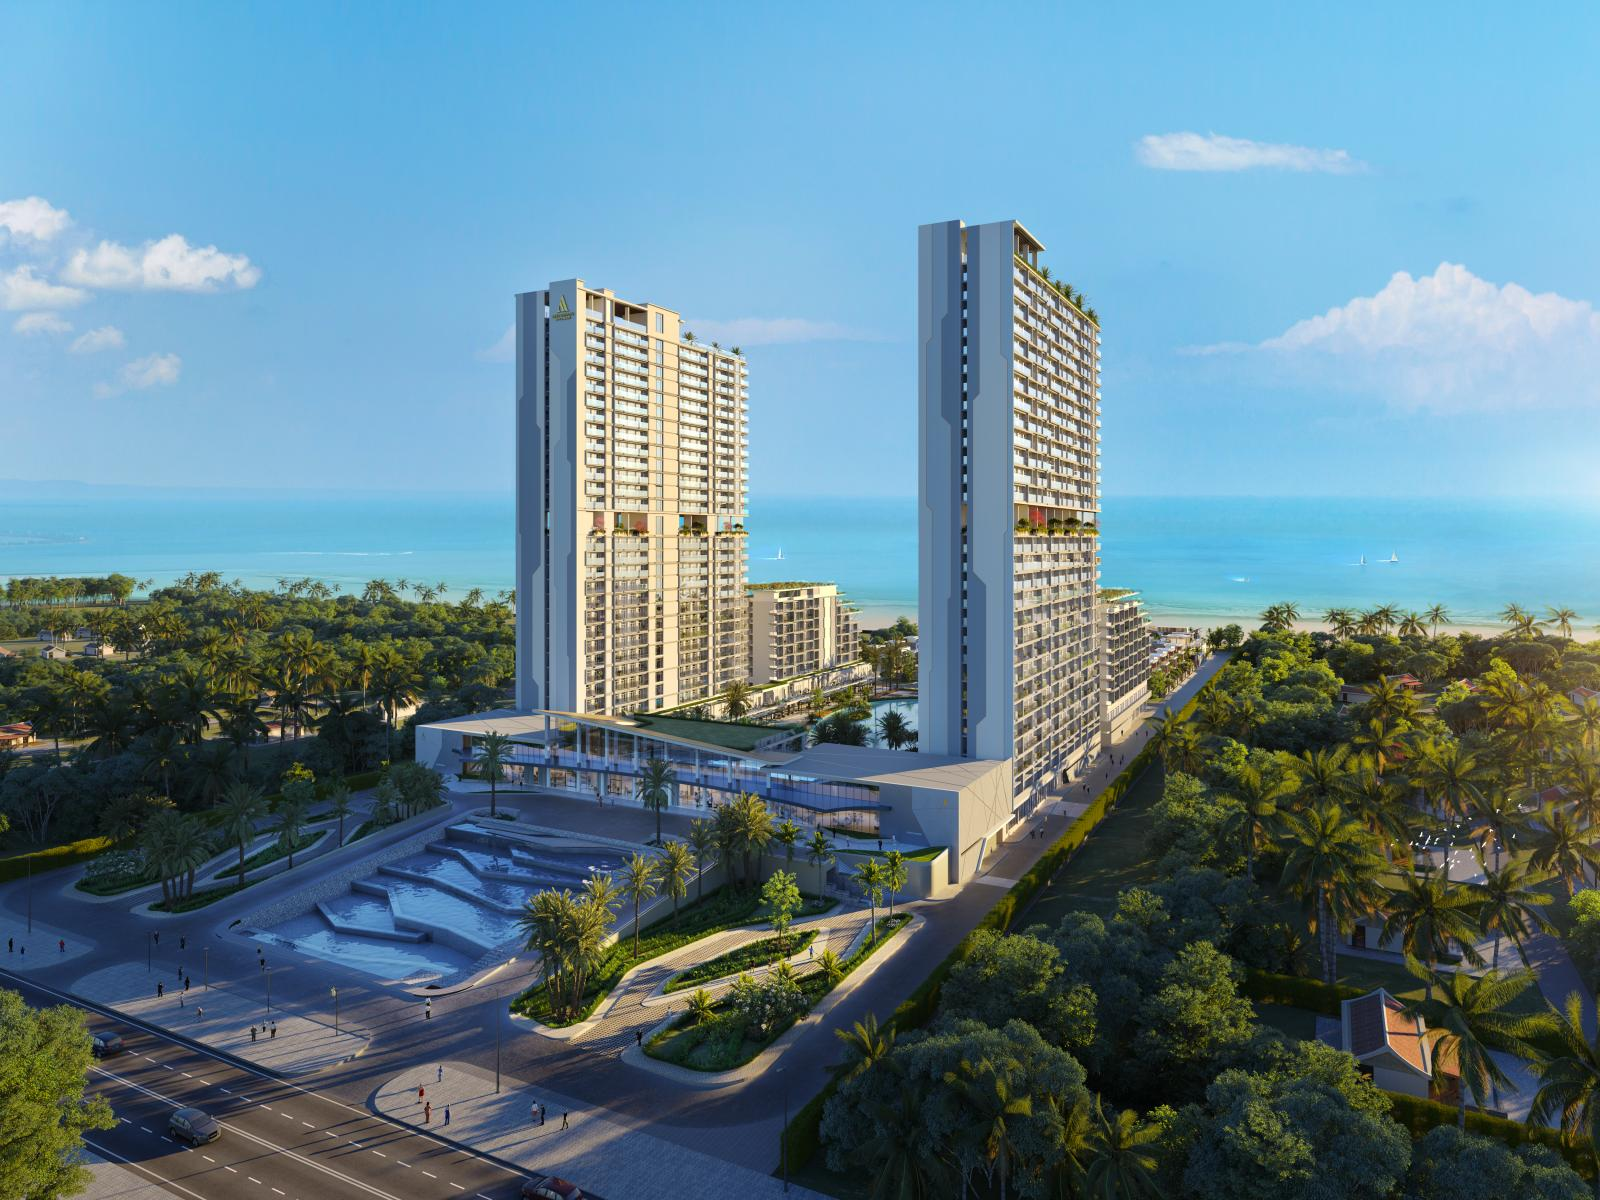 Hai tòa nhà cao tầng nằm song song nhau trên 1 vùng đất nhiều cây xanh gần bãi biển